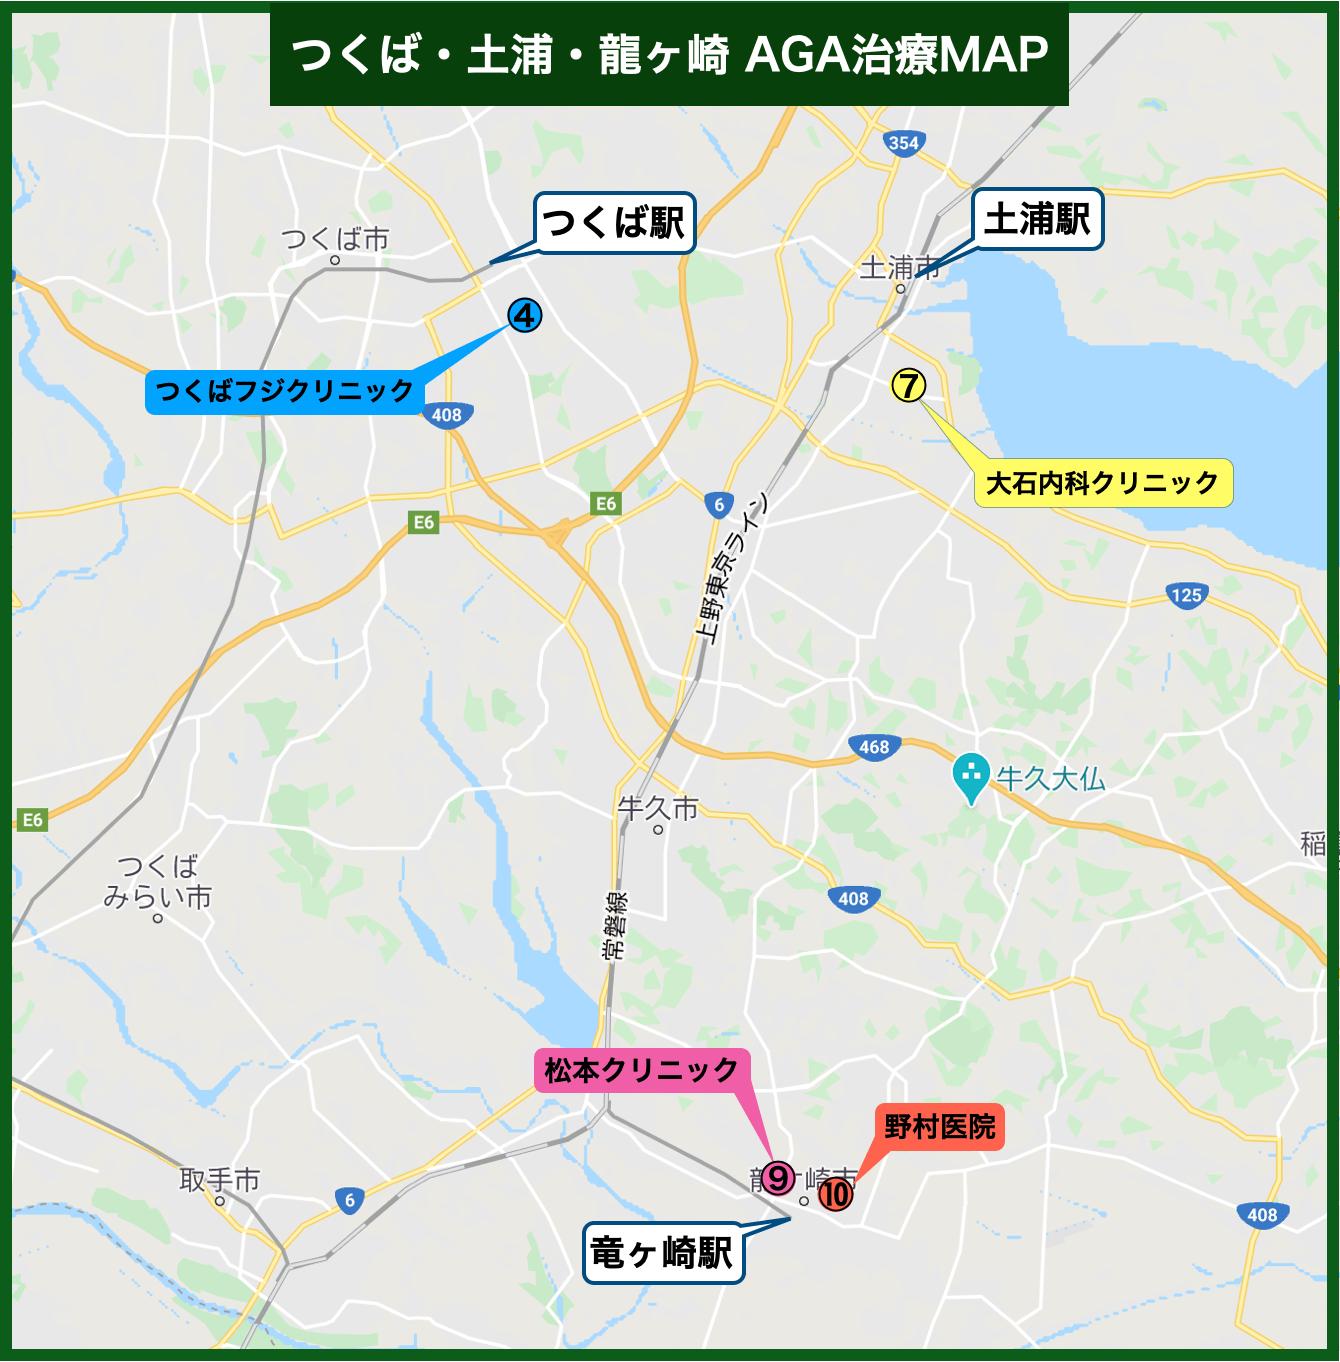 つくば・土浦・龍ヶ崎 AGA治療MAP